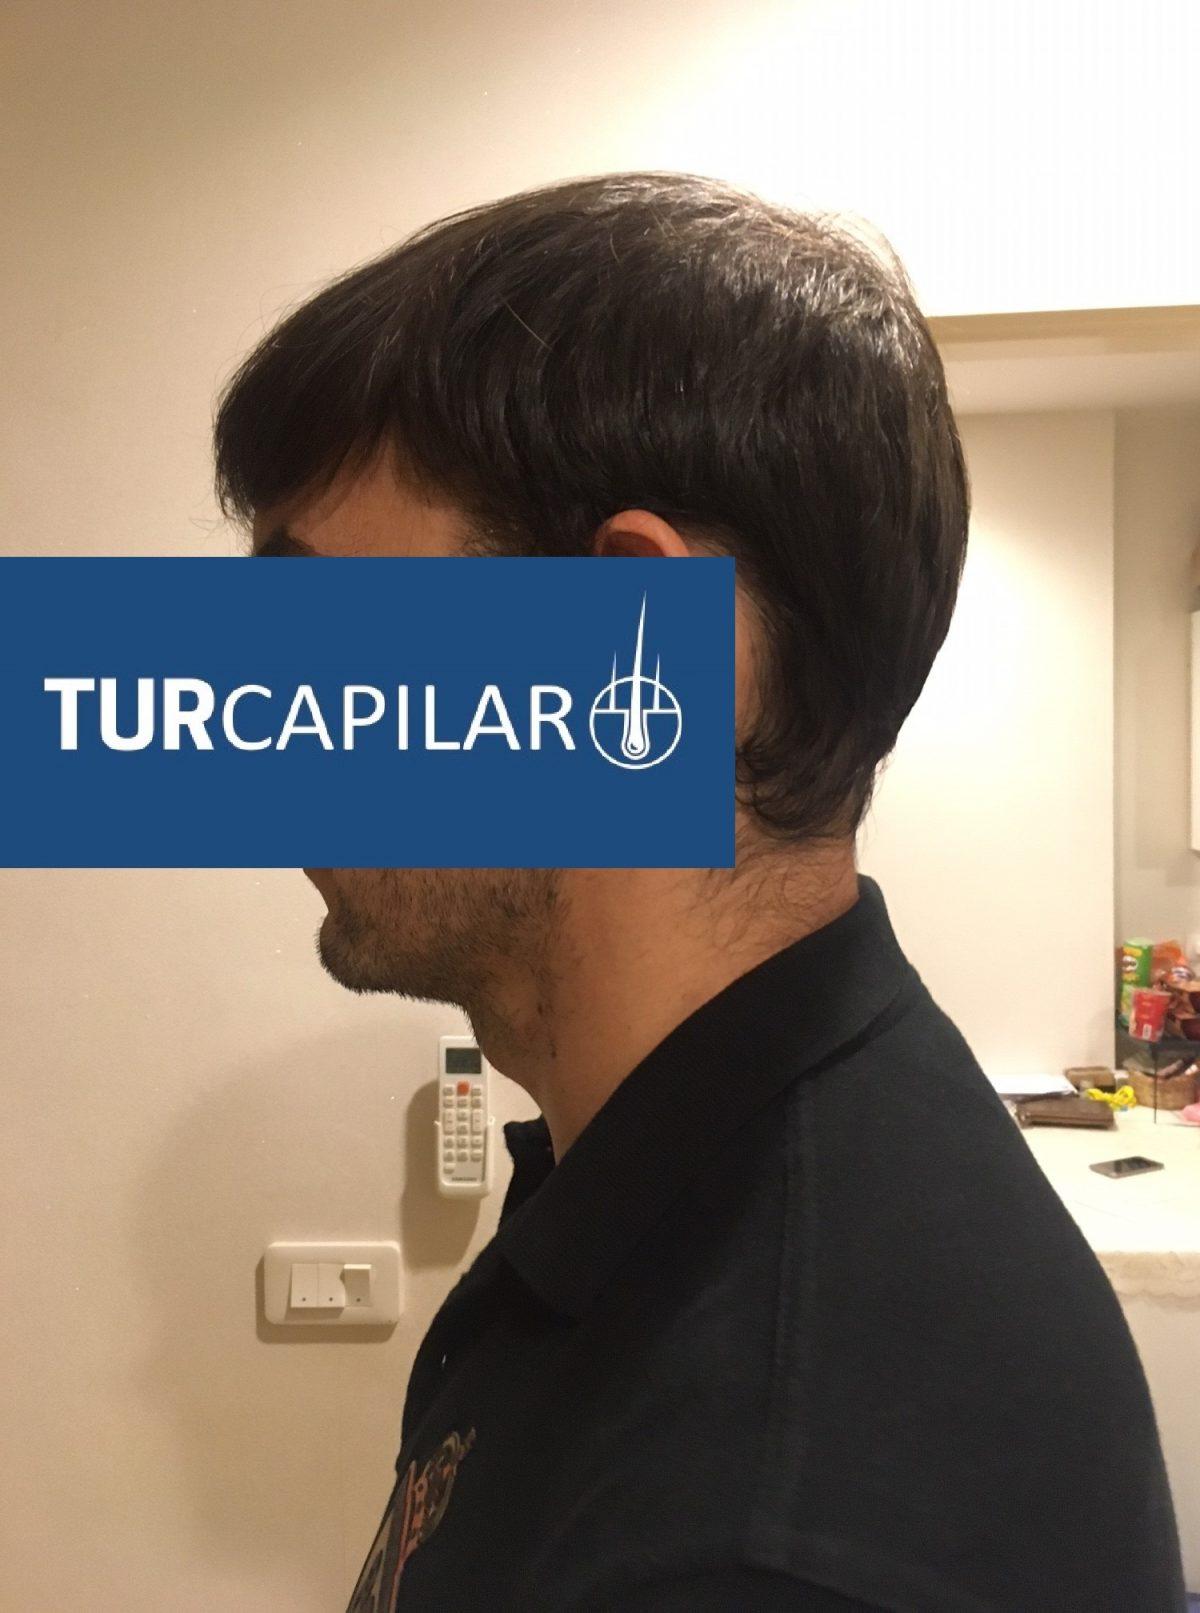 Trasplante capilar antes y después: 4 meses del trasplante capilar en Turquía